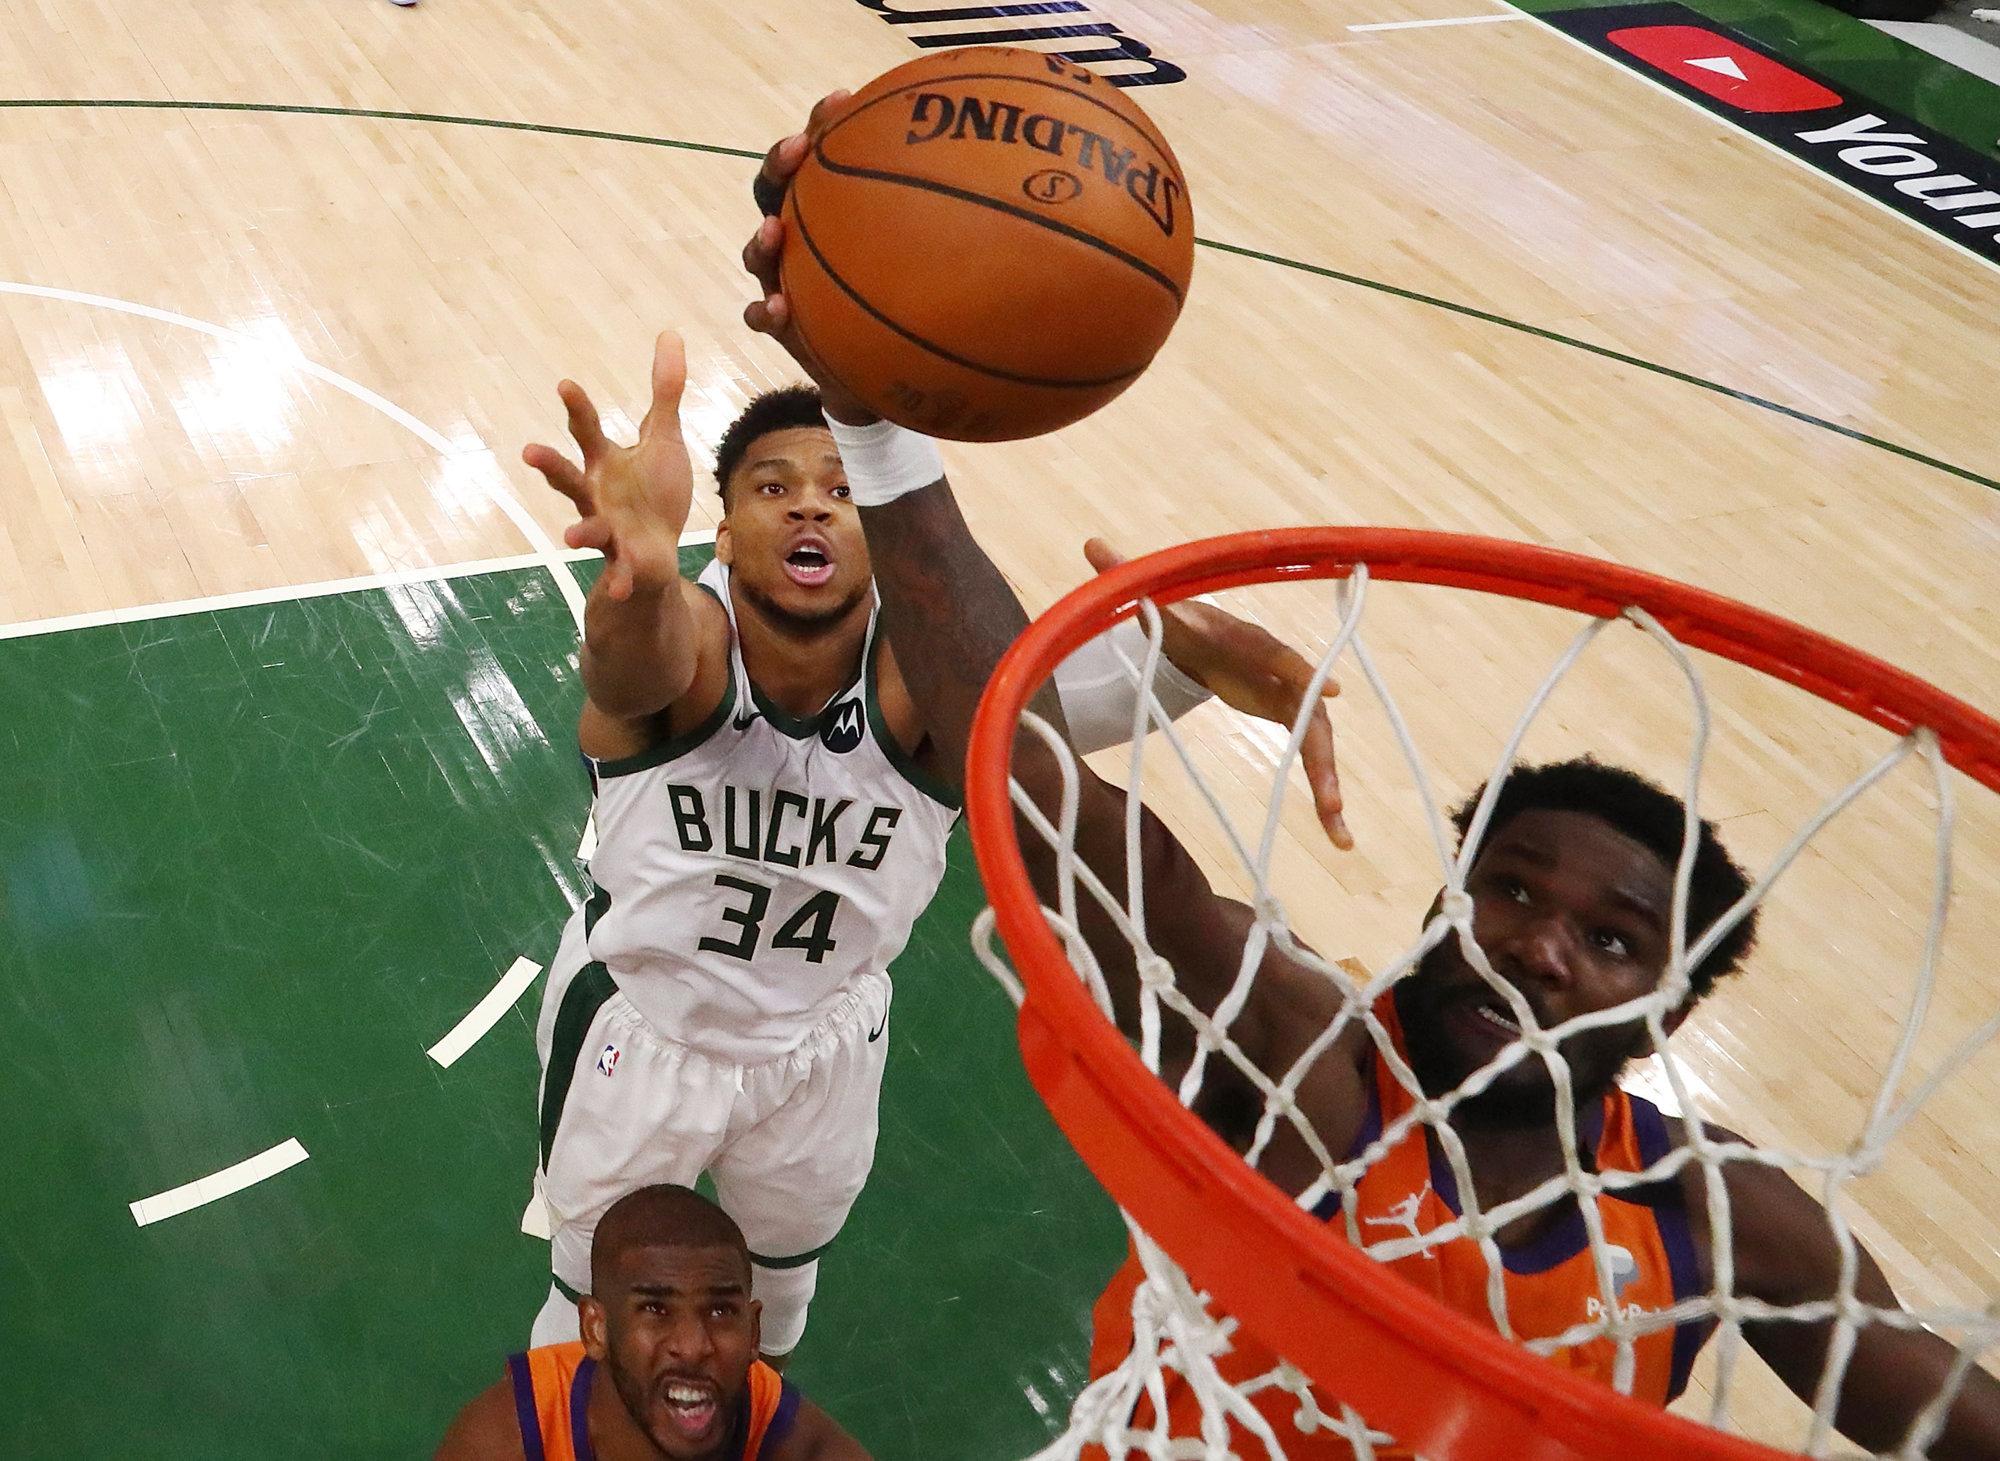 Giannis Antetokounmpo's Incredible Block Helps Bucks Tie Up NBA Finals - The Sportsman